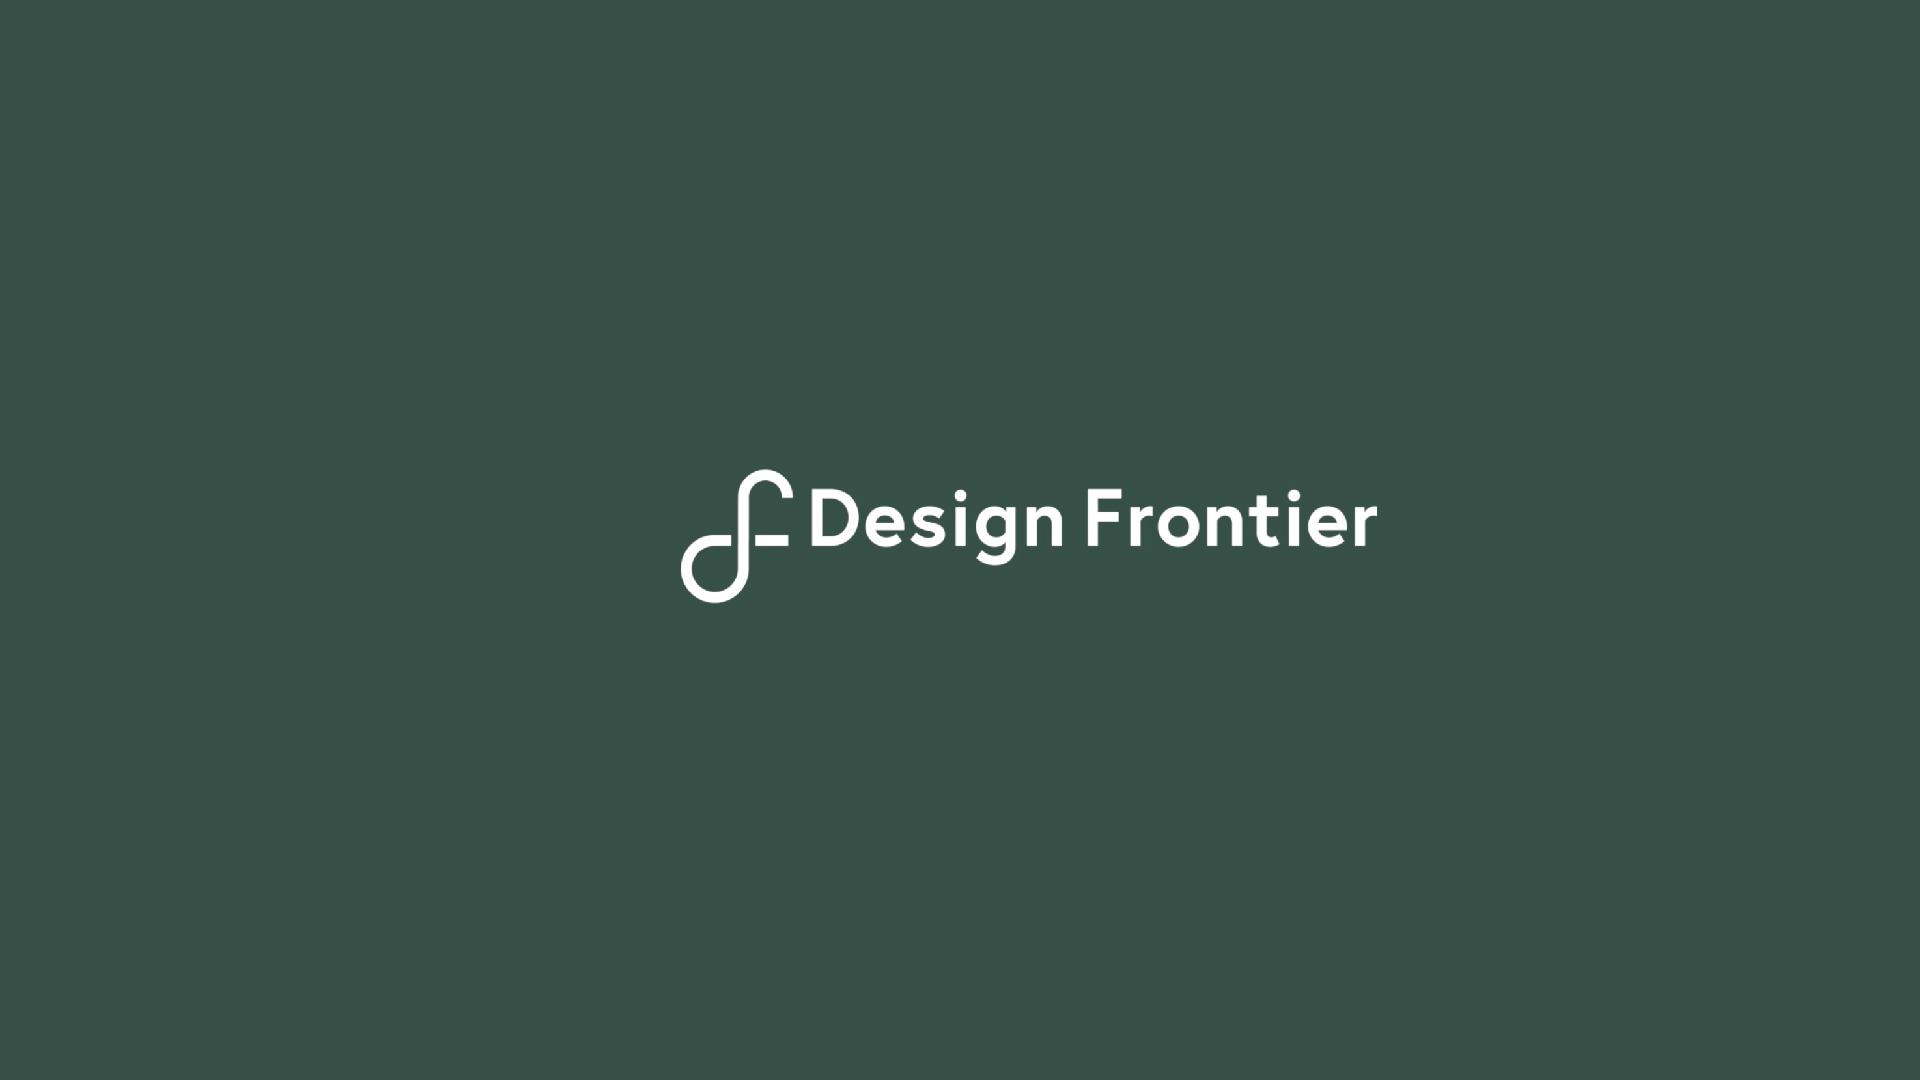 Design Frontier-08.jpg